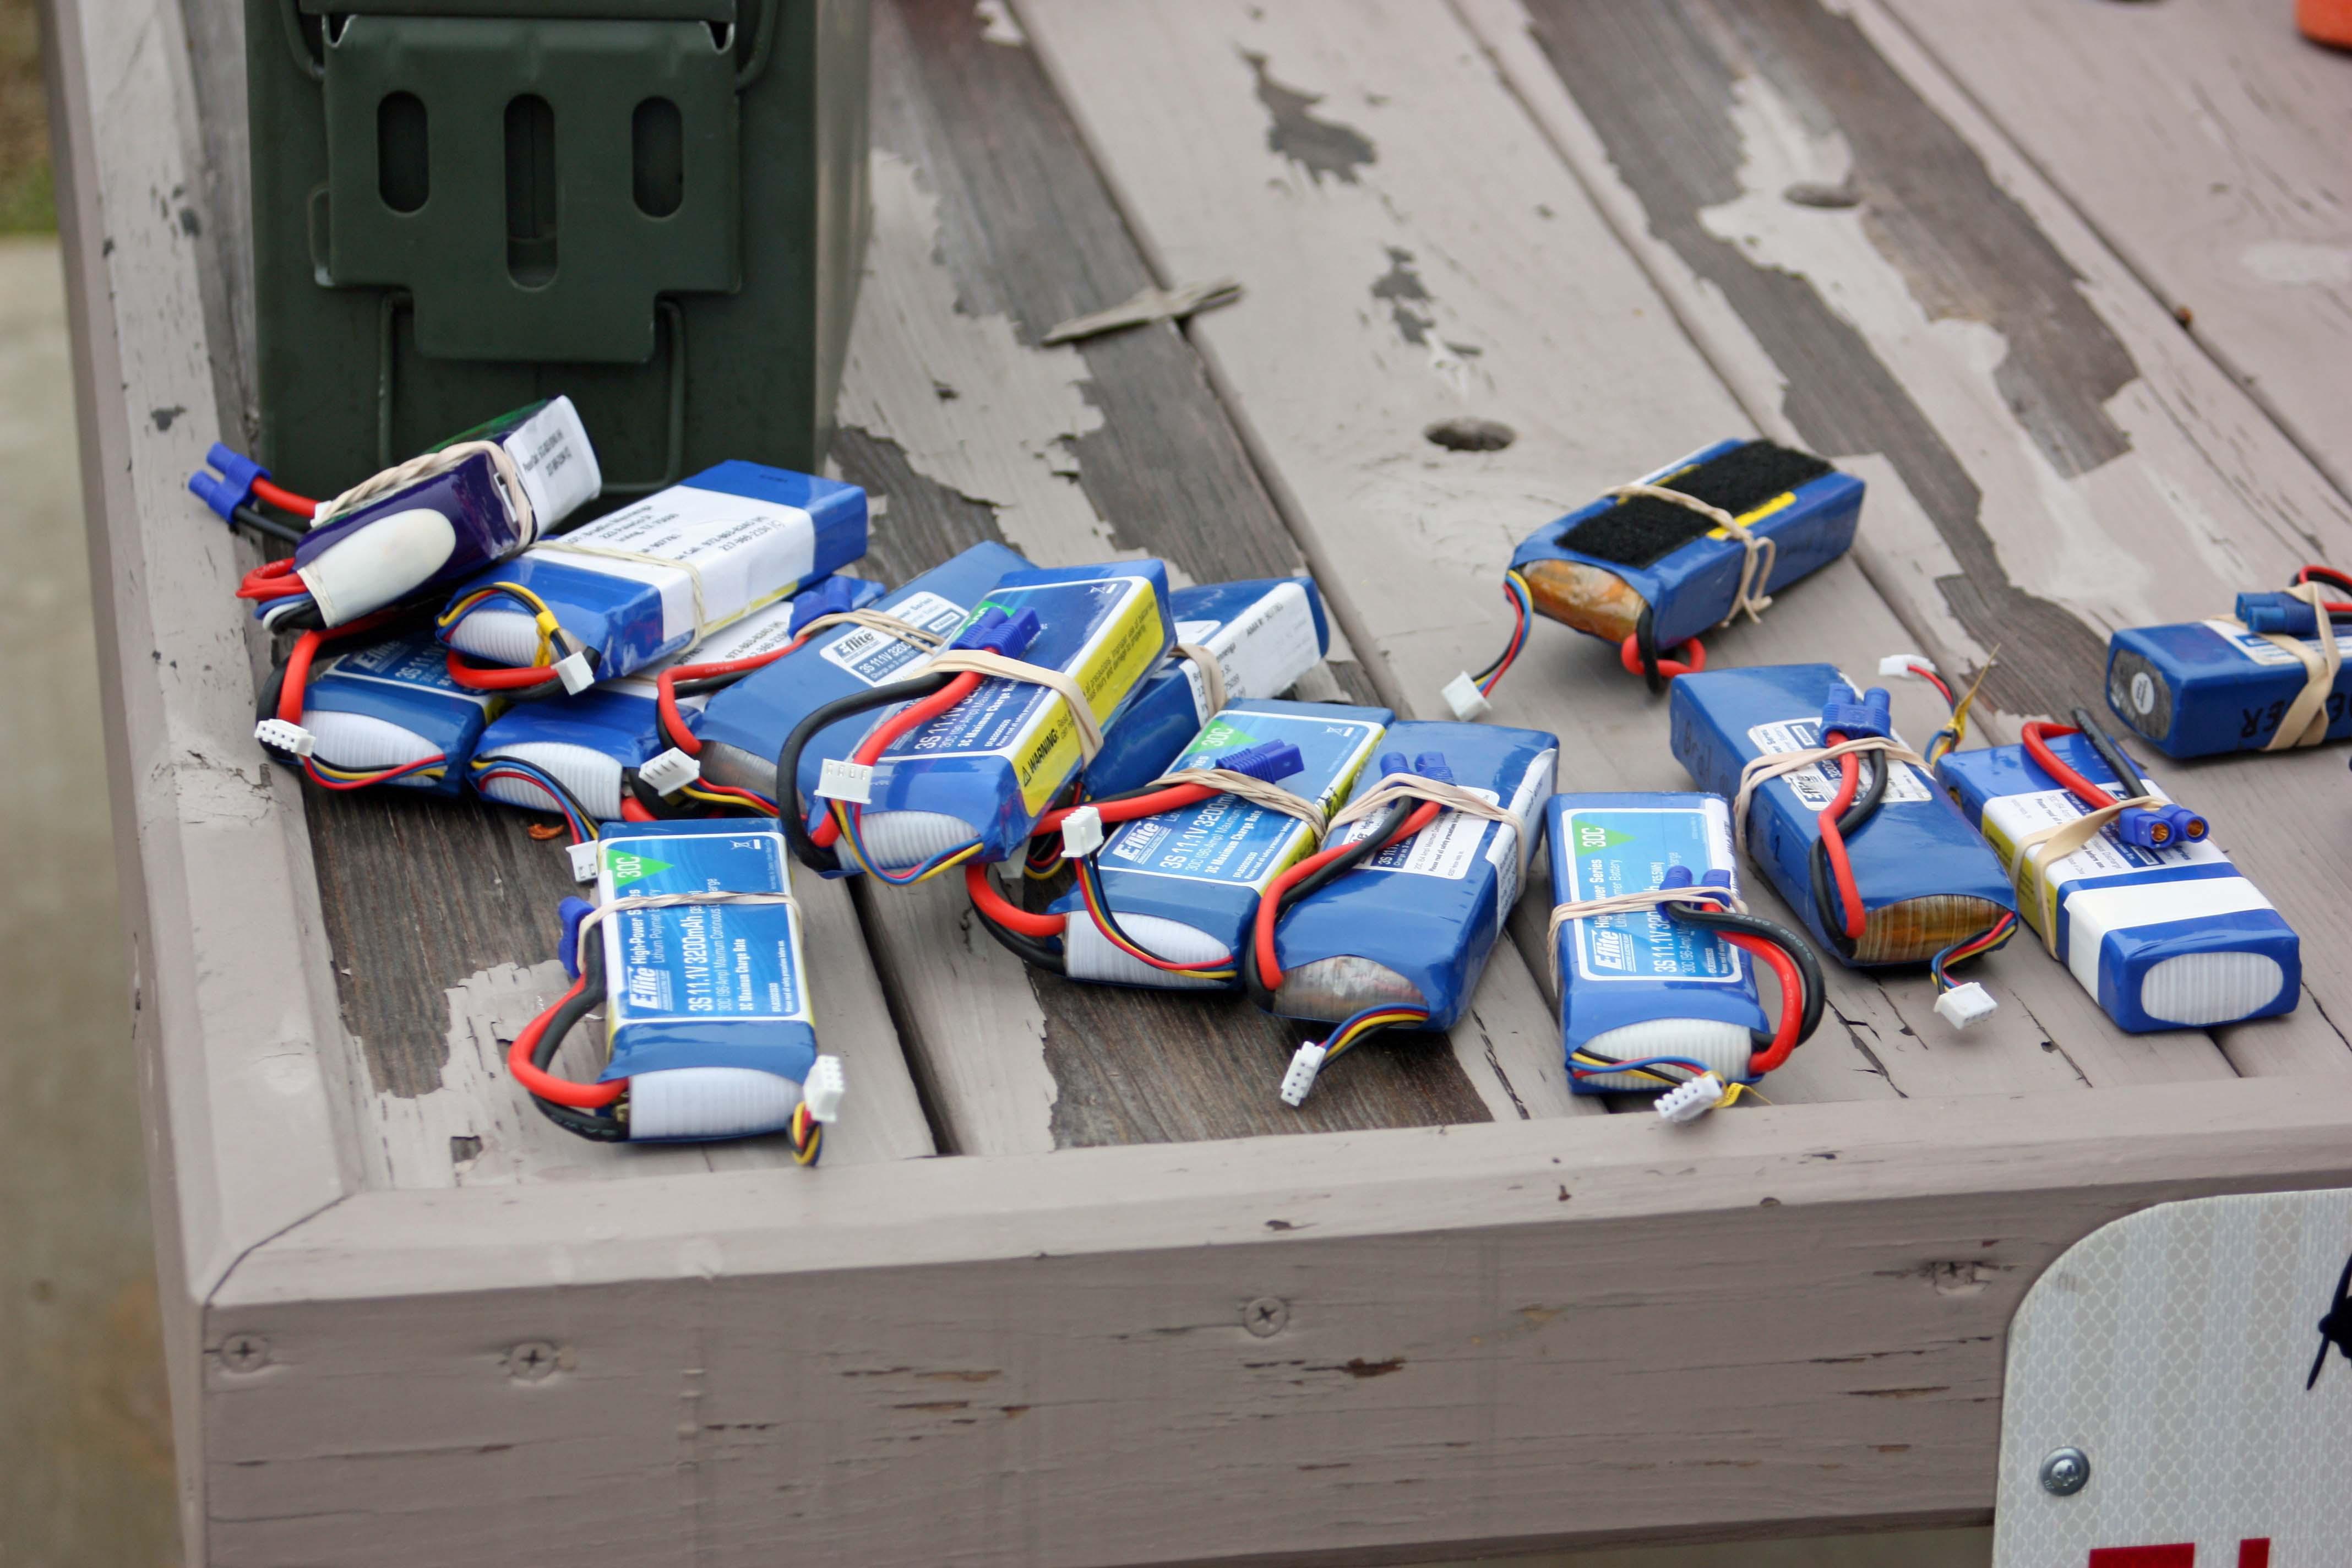 059 Batteries.jpg